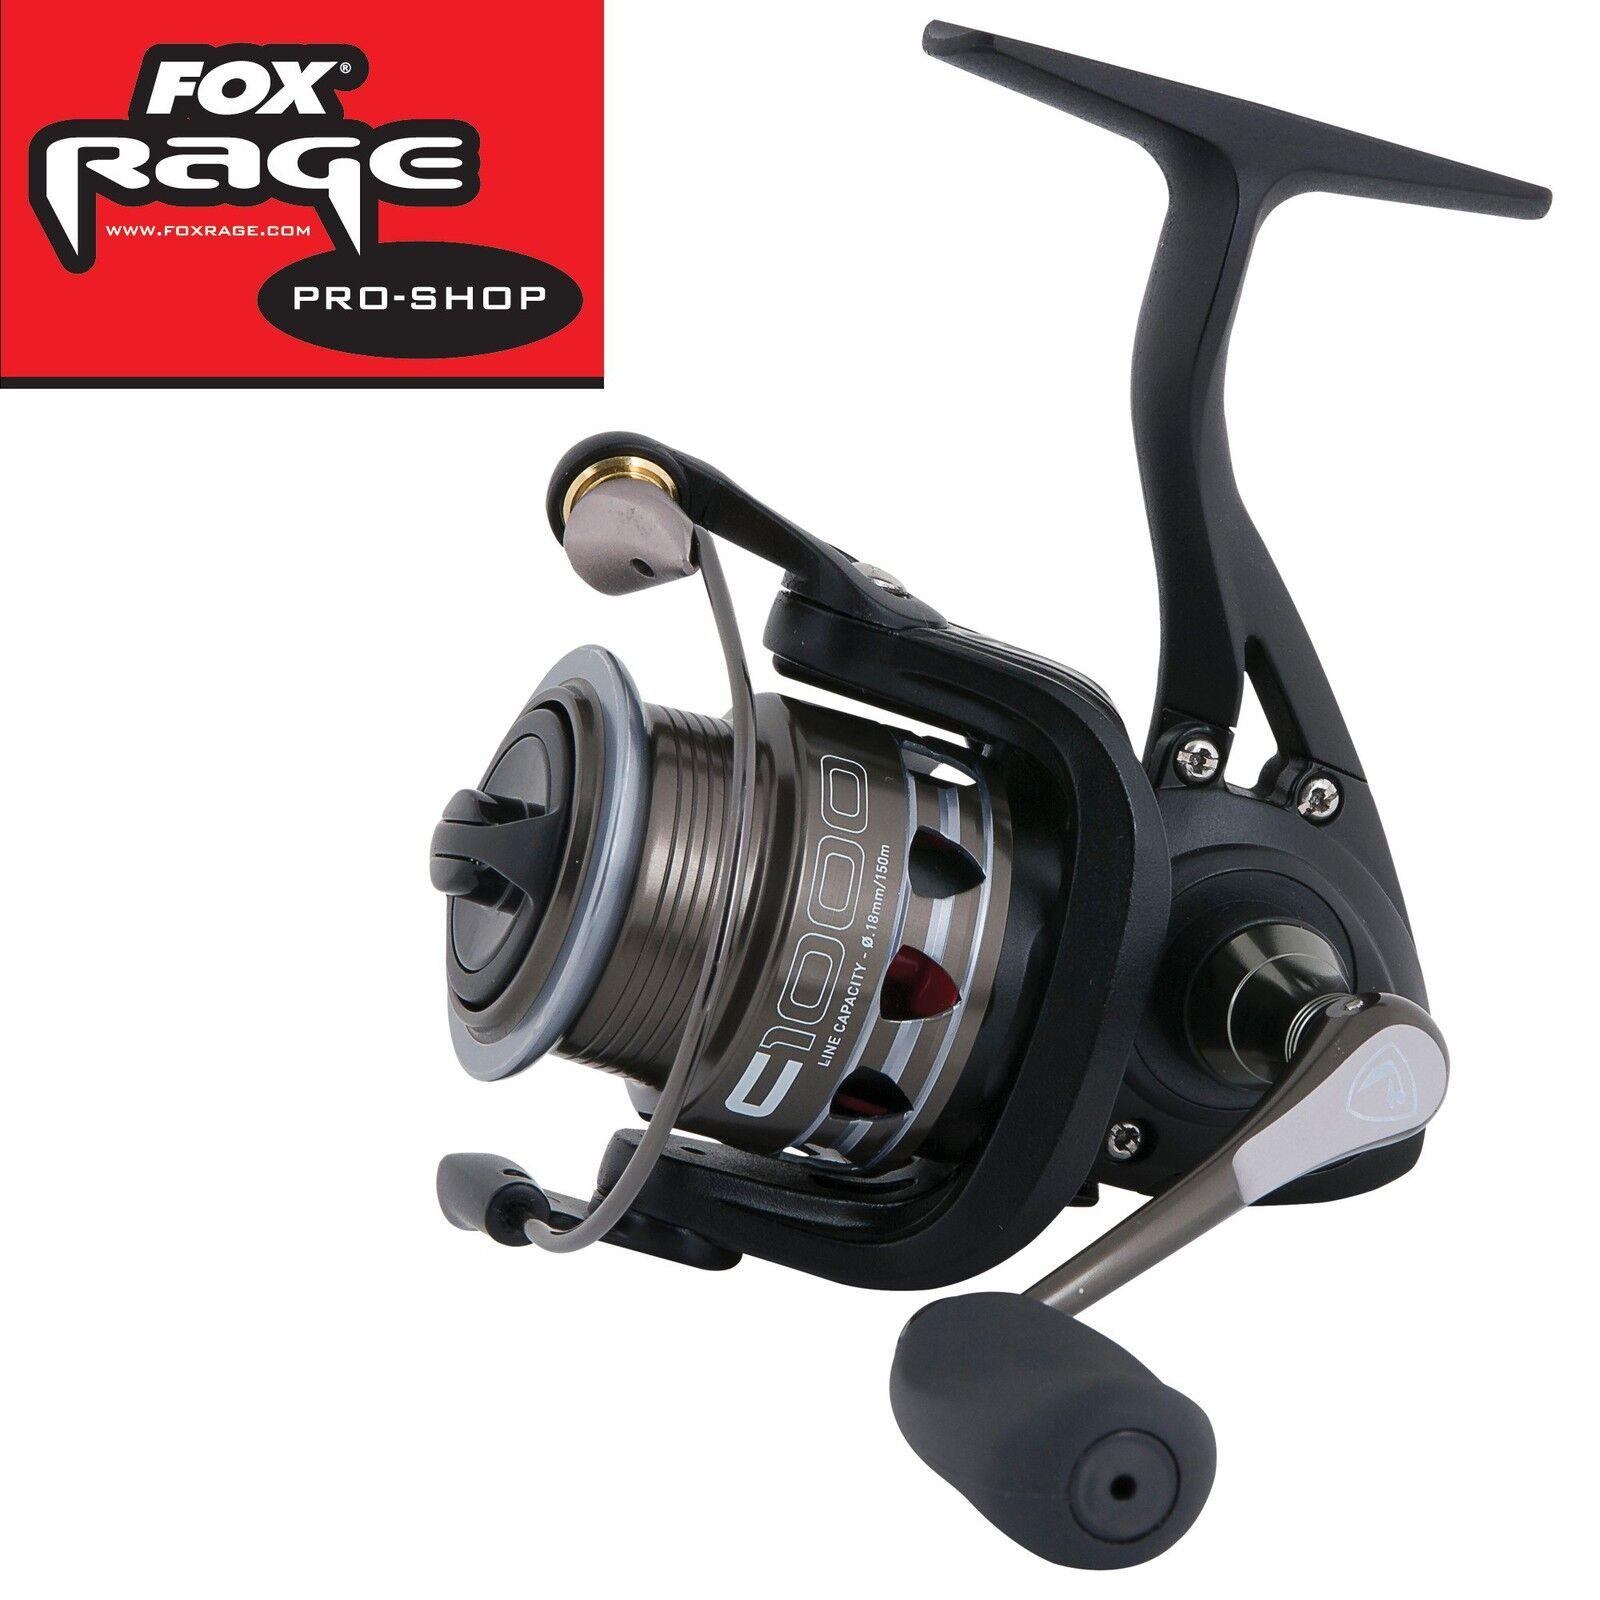 Fox Rage Prism C1000 Rolle, Rolle, Rolle, Angelrolle zum Spinnangeln, Stationärrolle 1d0058